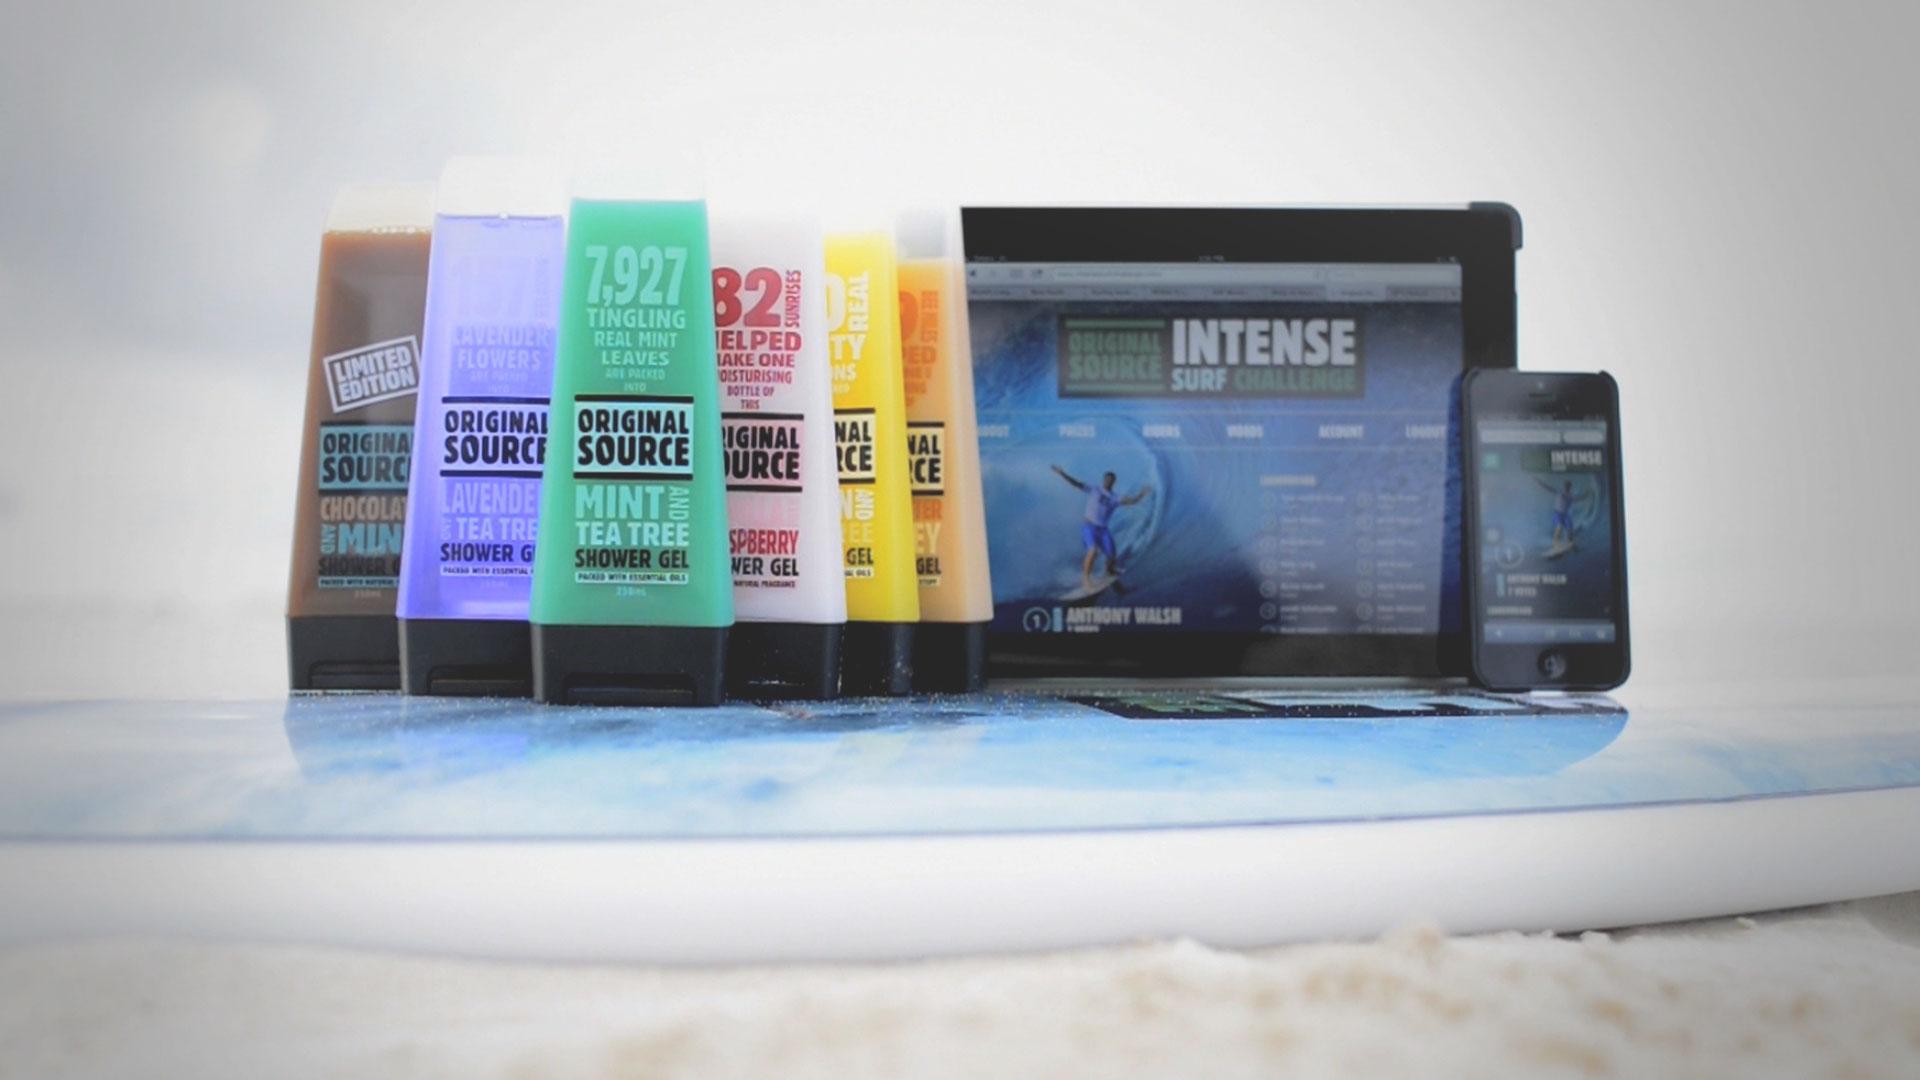 ORIGINAL SOURCE INTENSE SURF CHALLENGE